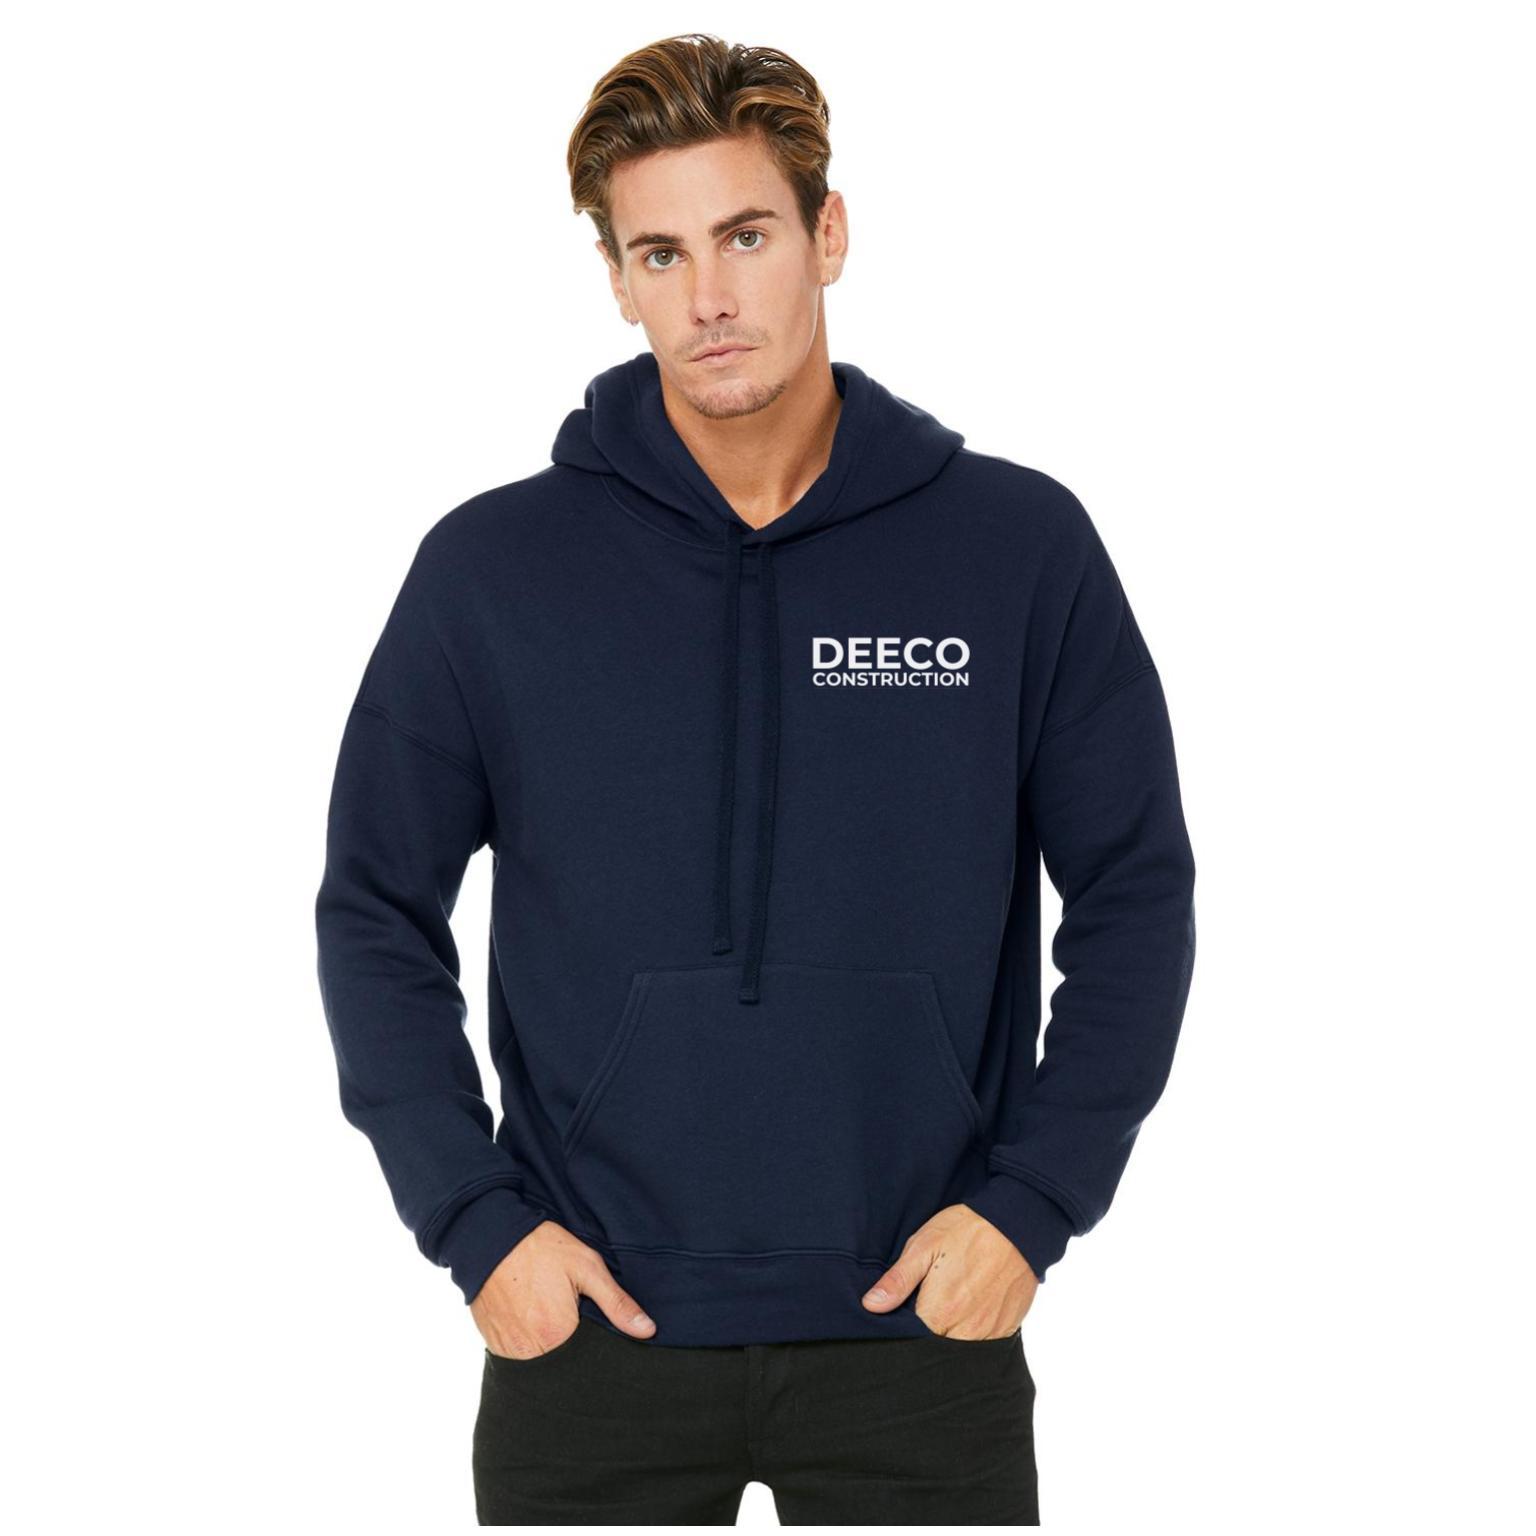 hoodie merch - navy tri blend white text front.jpg